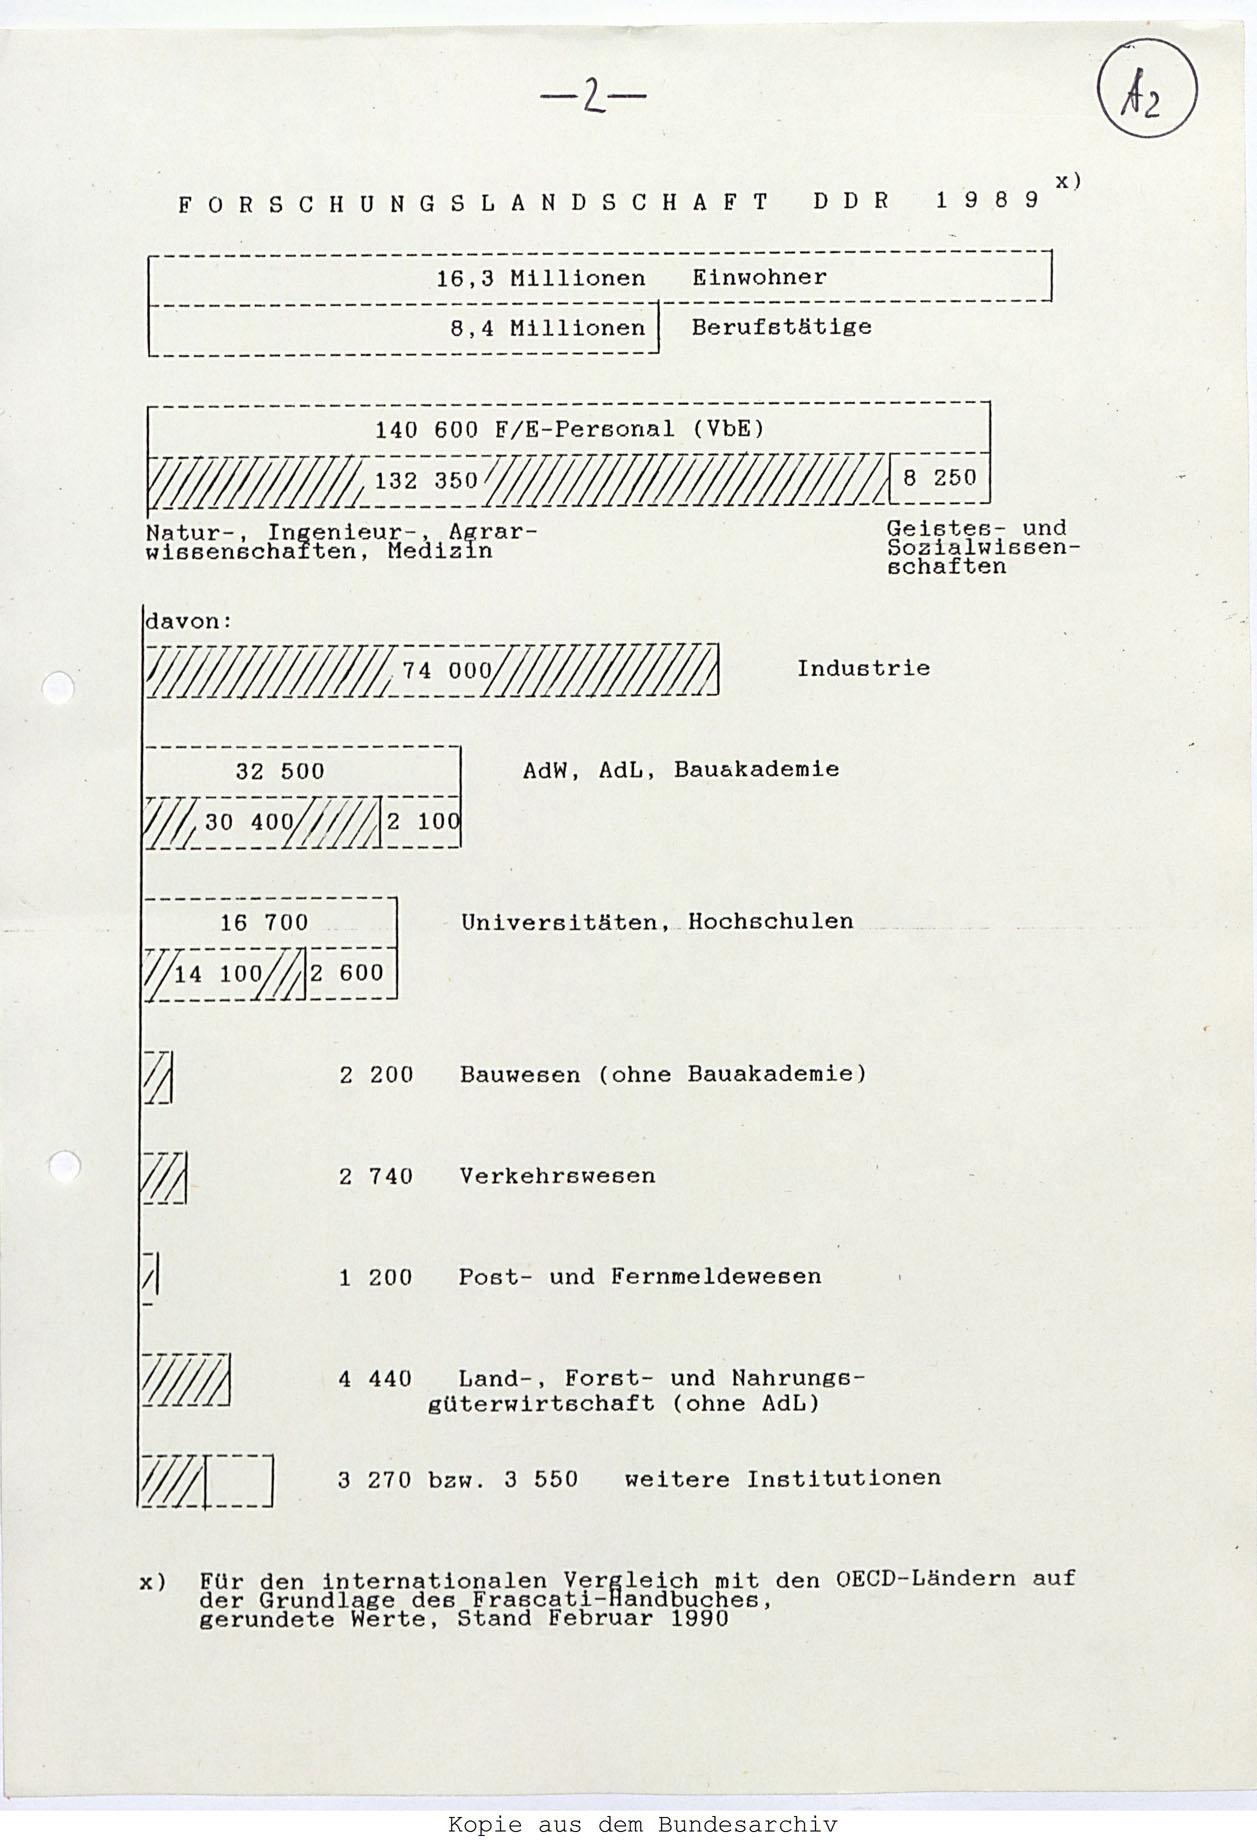 Übersicht Beschäftigte in den Bereichen Forschung und Entwicklung in der DDR 1989 (Stand: Februar 1990). Quelle: BArch, DR 4/94